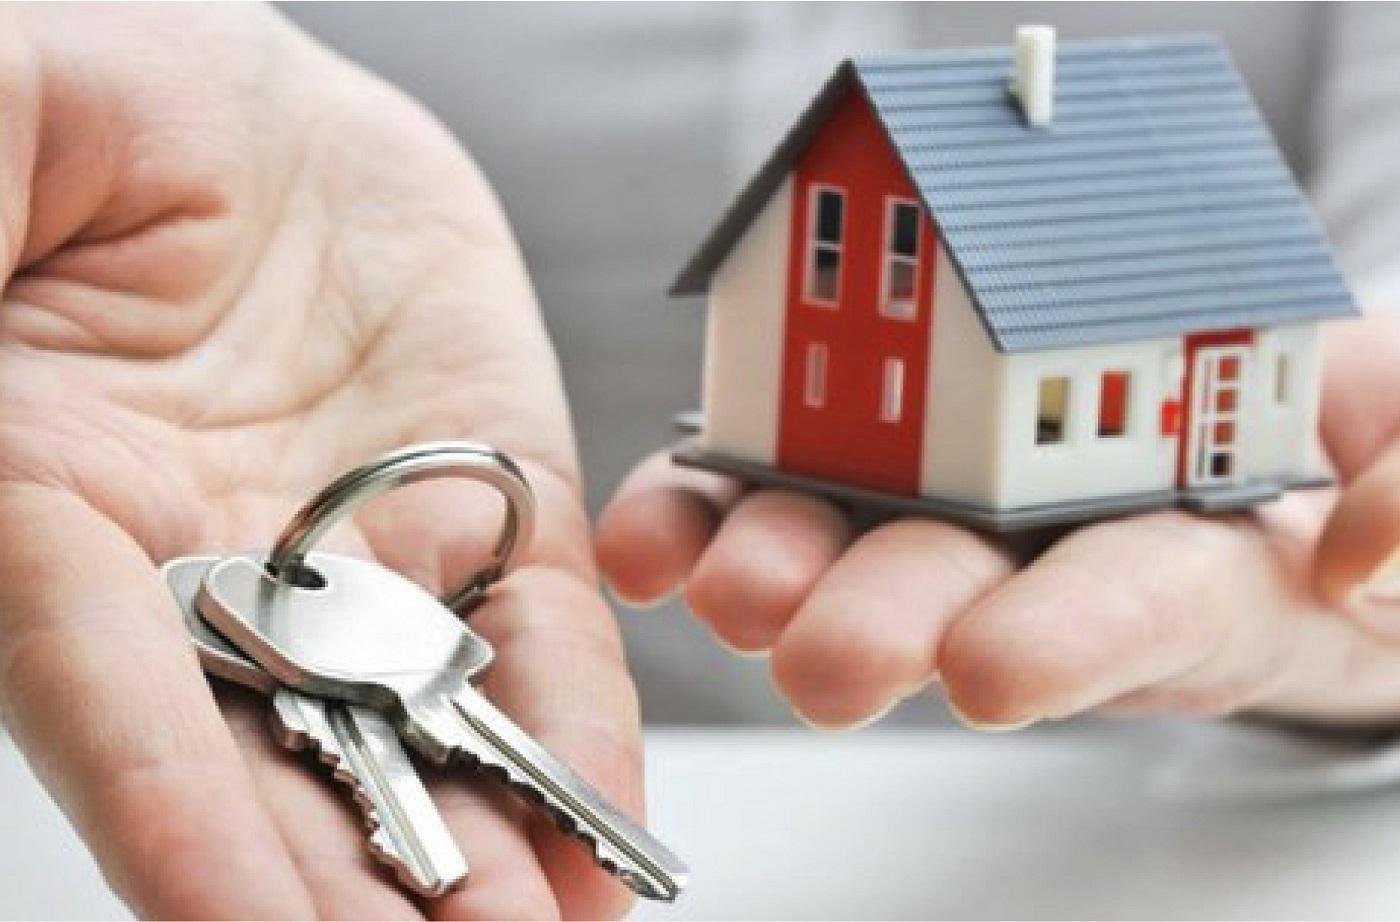 hogy milyen szempontból veszik figyelembe az ingatlant